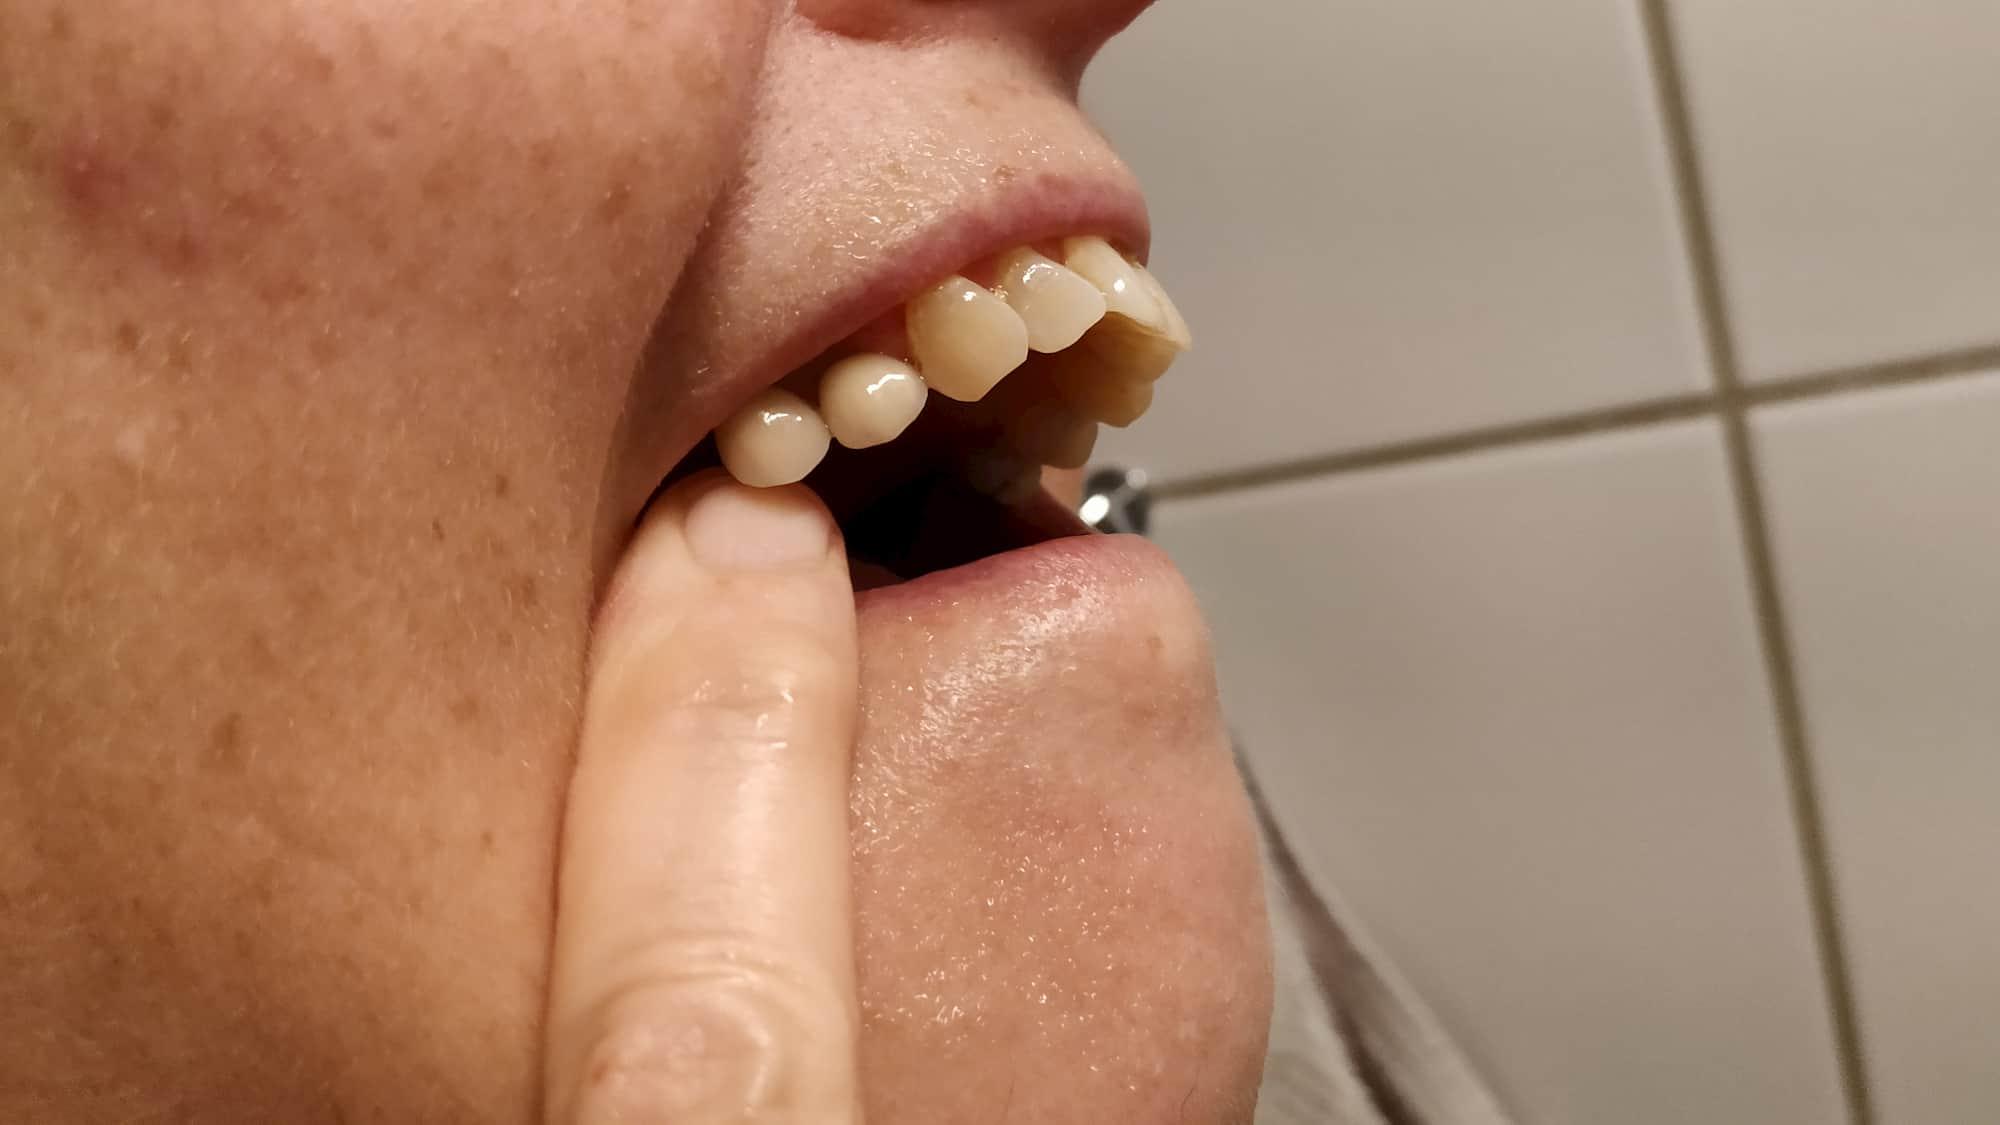 Double implantat lavet af tandlæge Hørsholm